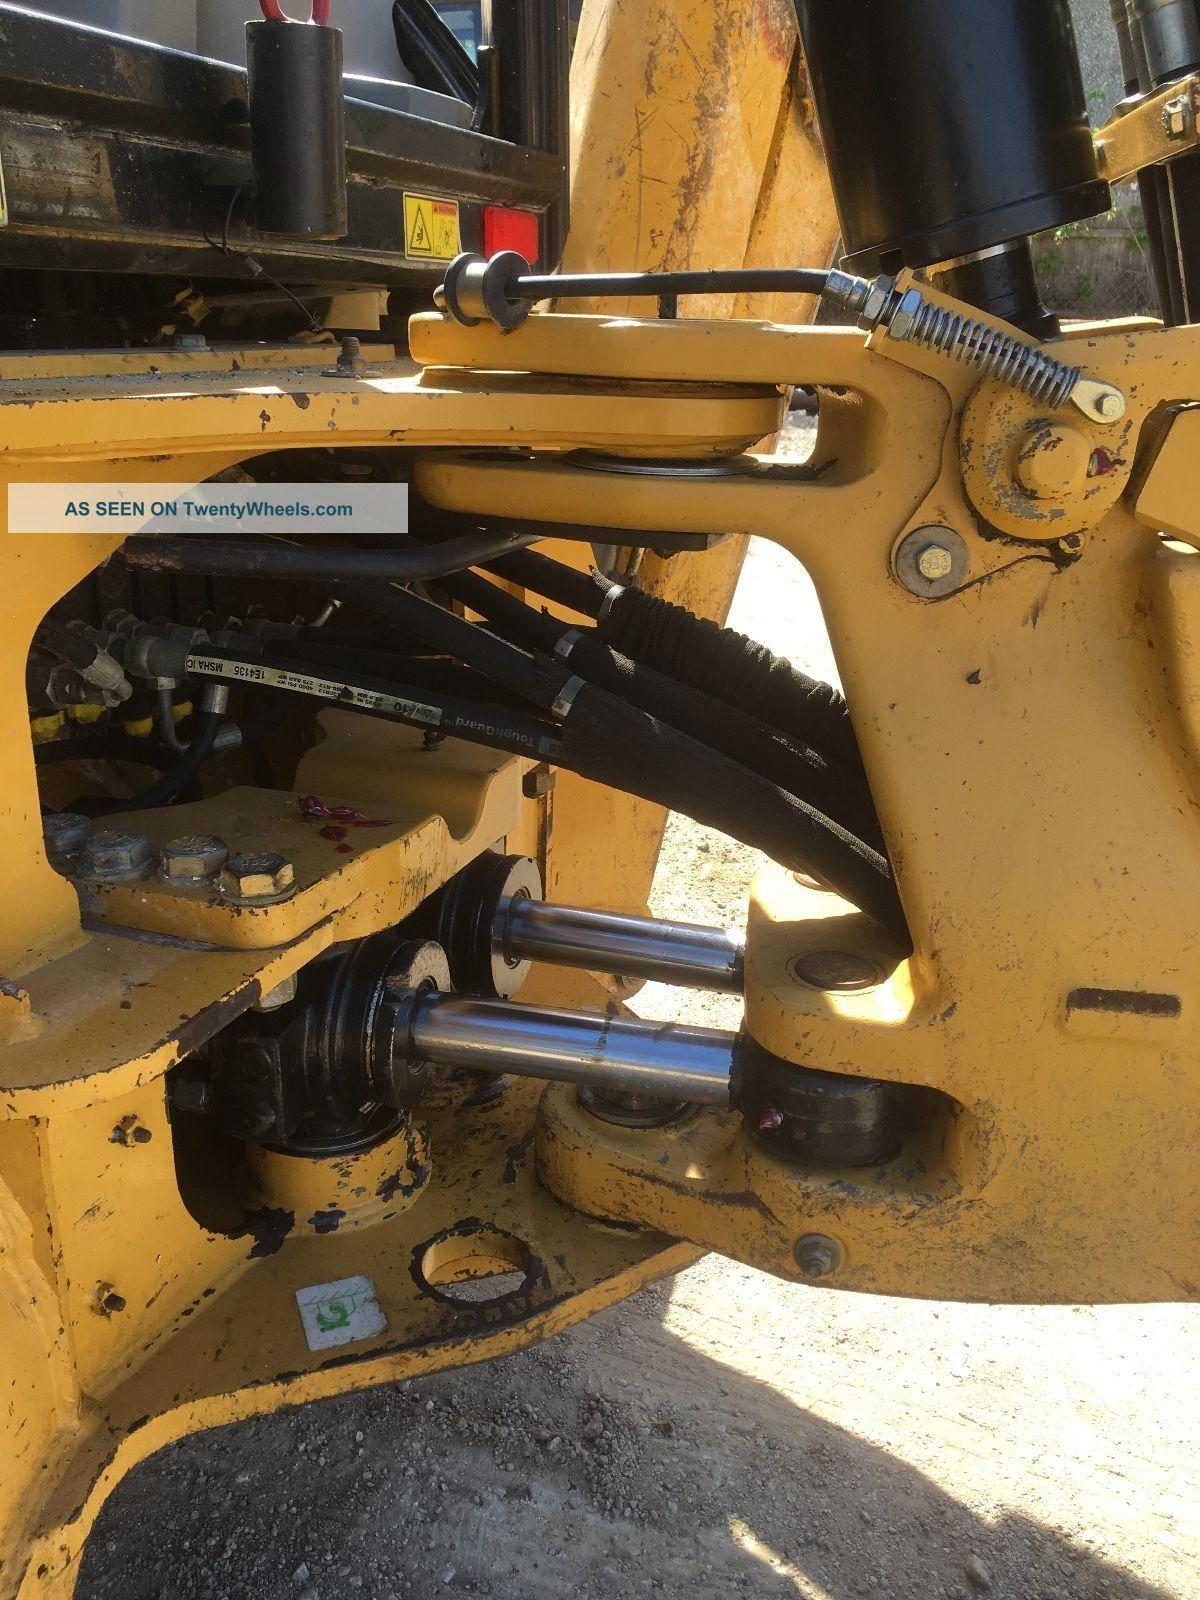 2007 Caterpillar Cat 420e 4wd Backhoe Loader